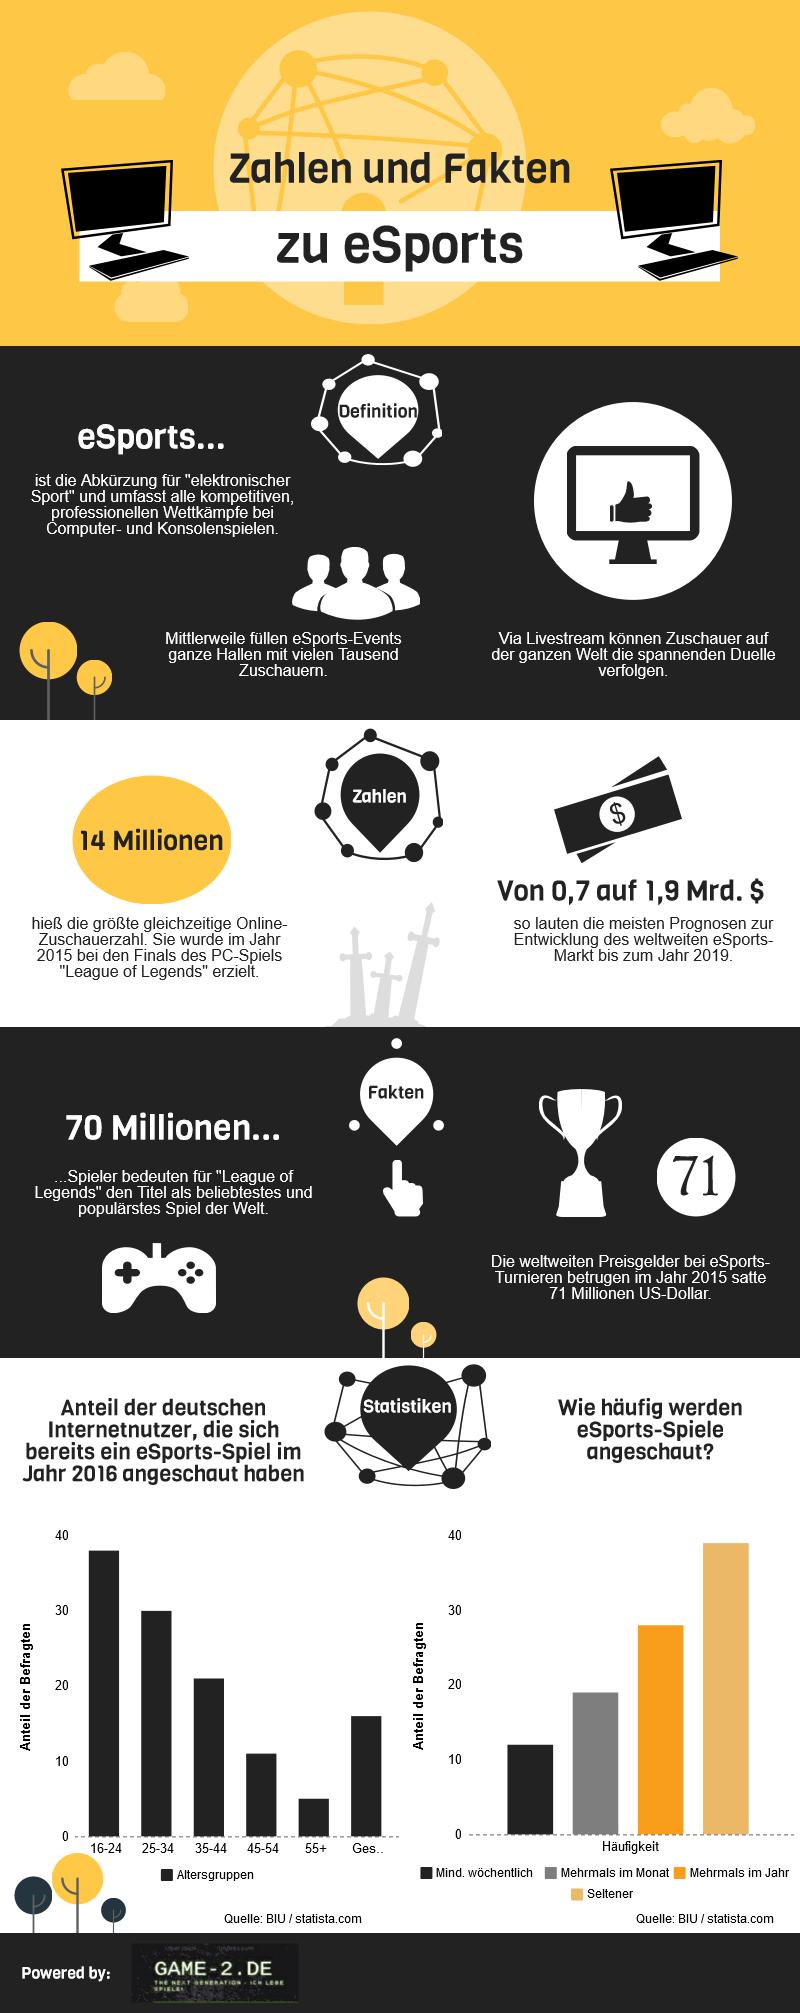 Infografik zu den Fakten und Zahlen aus dem eSports-Sektor.